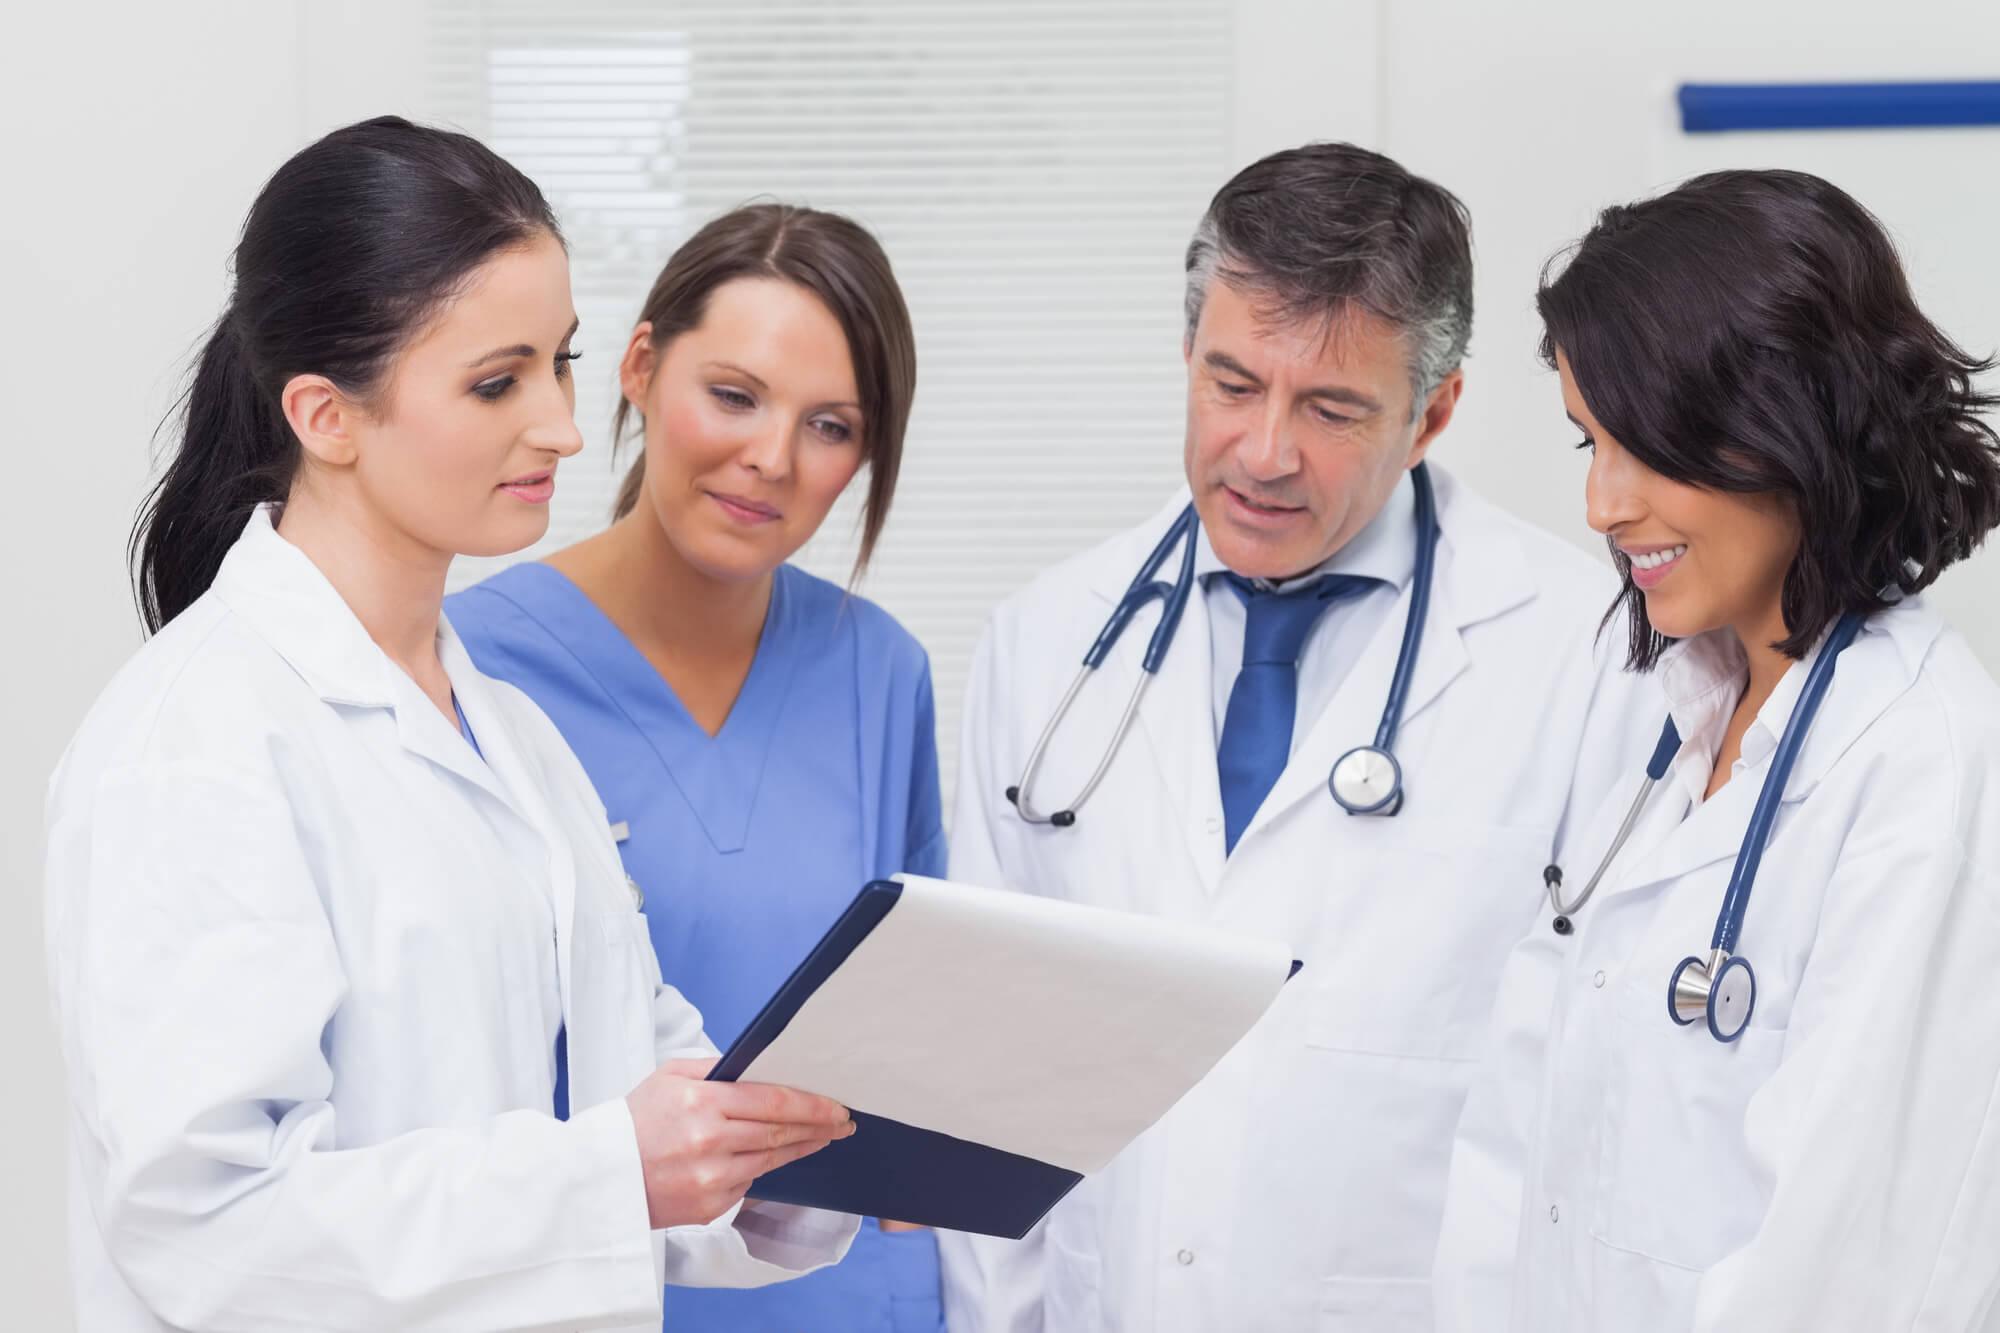 Gestão de pessoas no consultório médico: por que isso é importante?